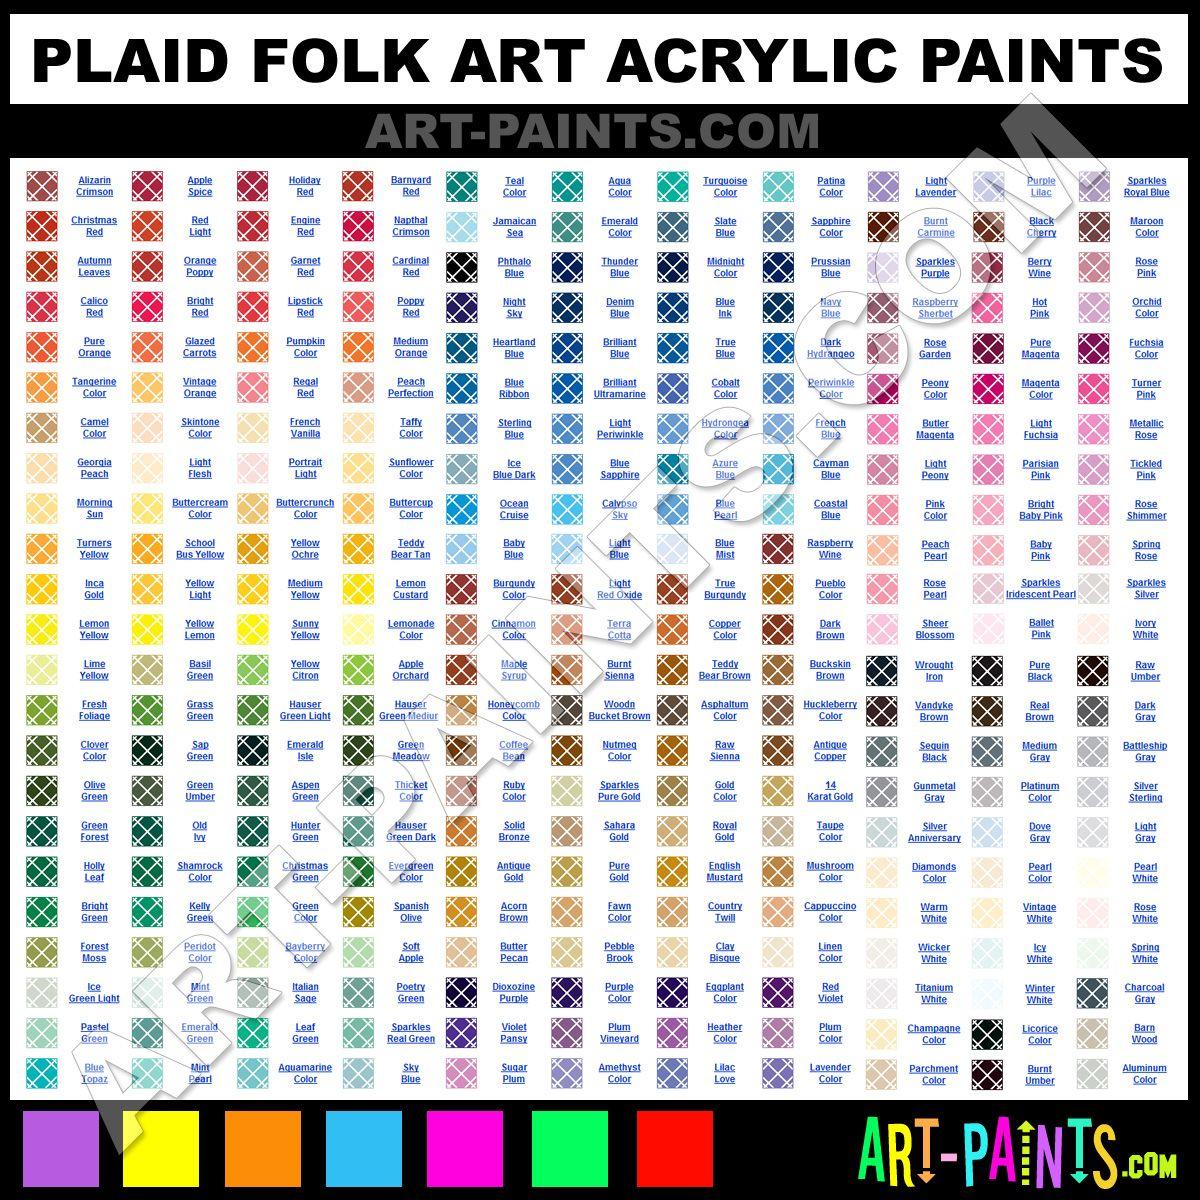 Plaid folk artg 12001200 color combinations pinterest color list for folk art paints nvjuhfo Choice Image